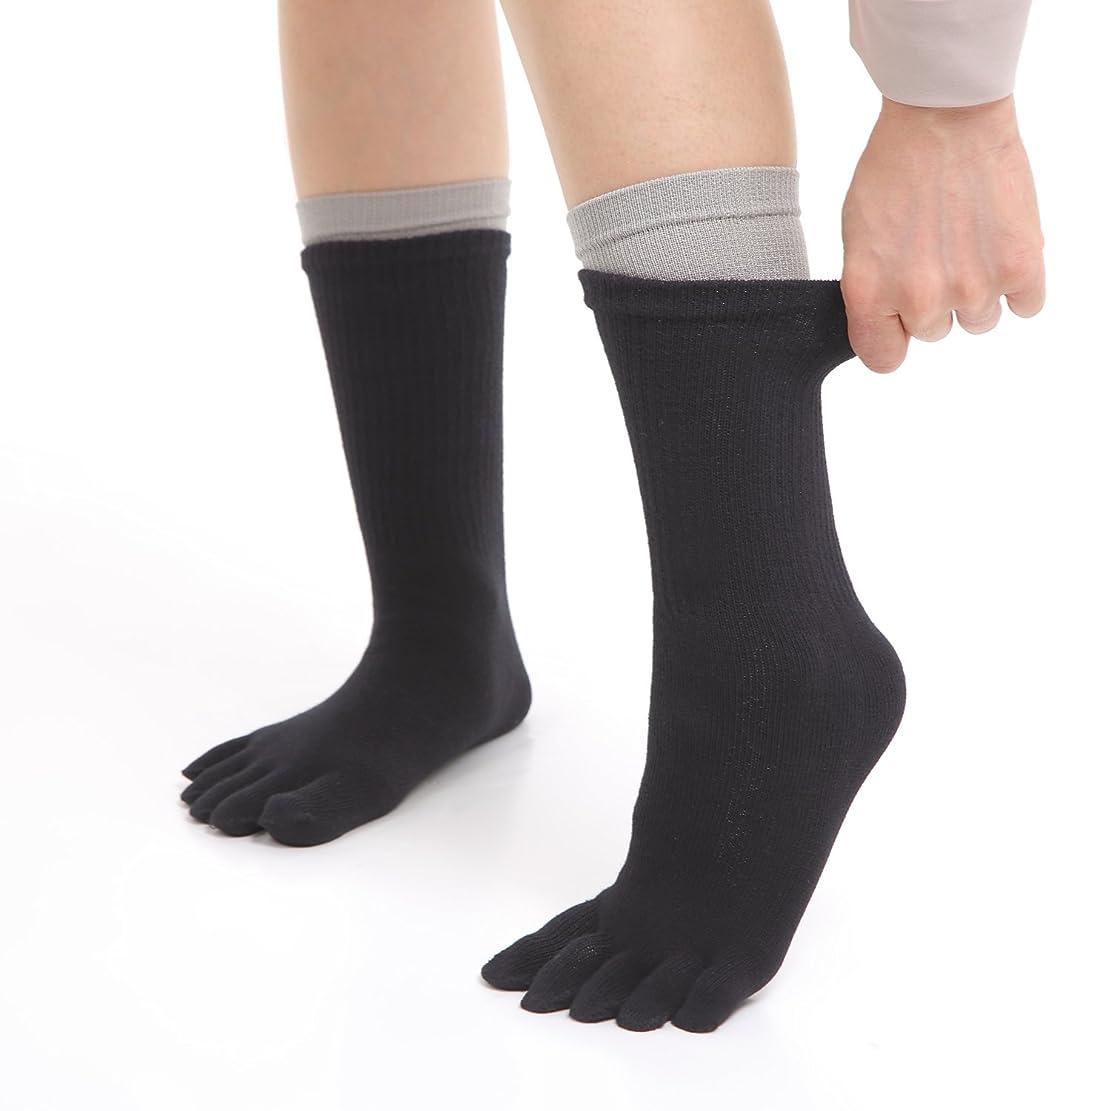 連想枯渇する乳NANA 初心者向け冷えとり靴下 内シルク外コットンソックス 2足セット 5本指ソックス フリーサイズ シルク (グレー)